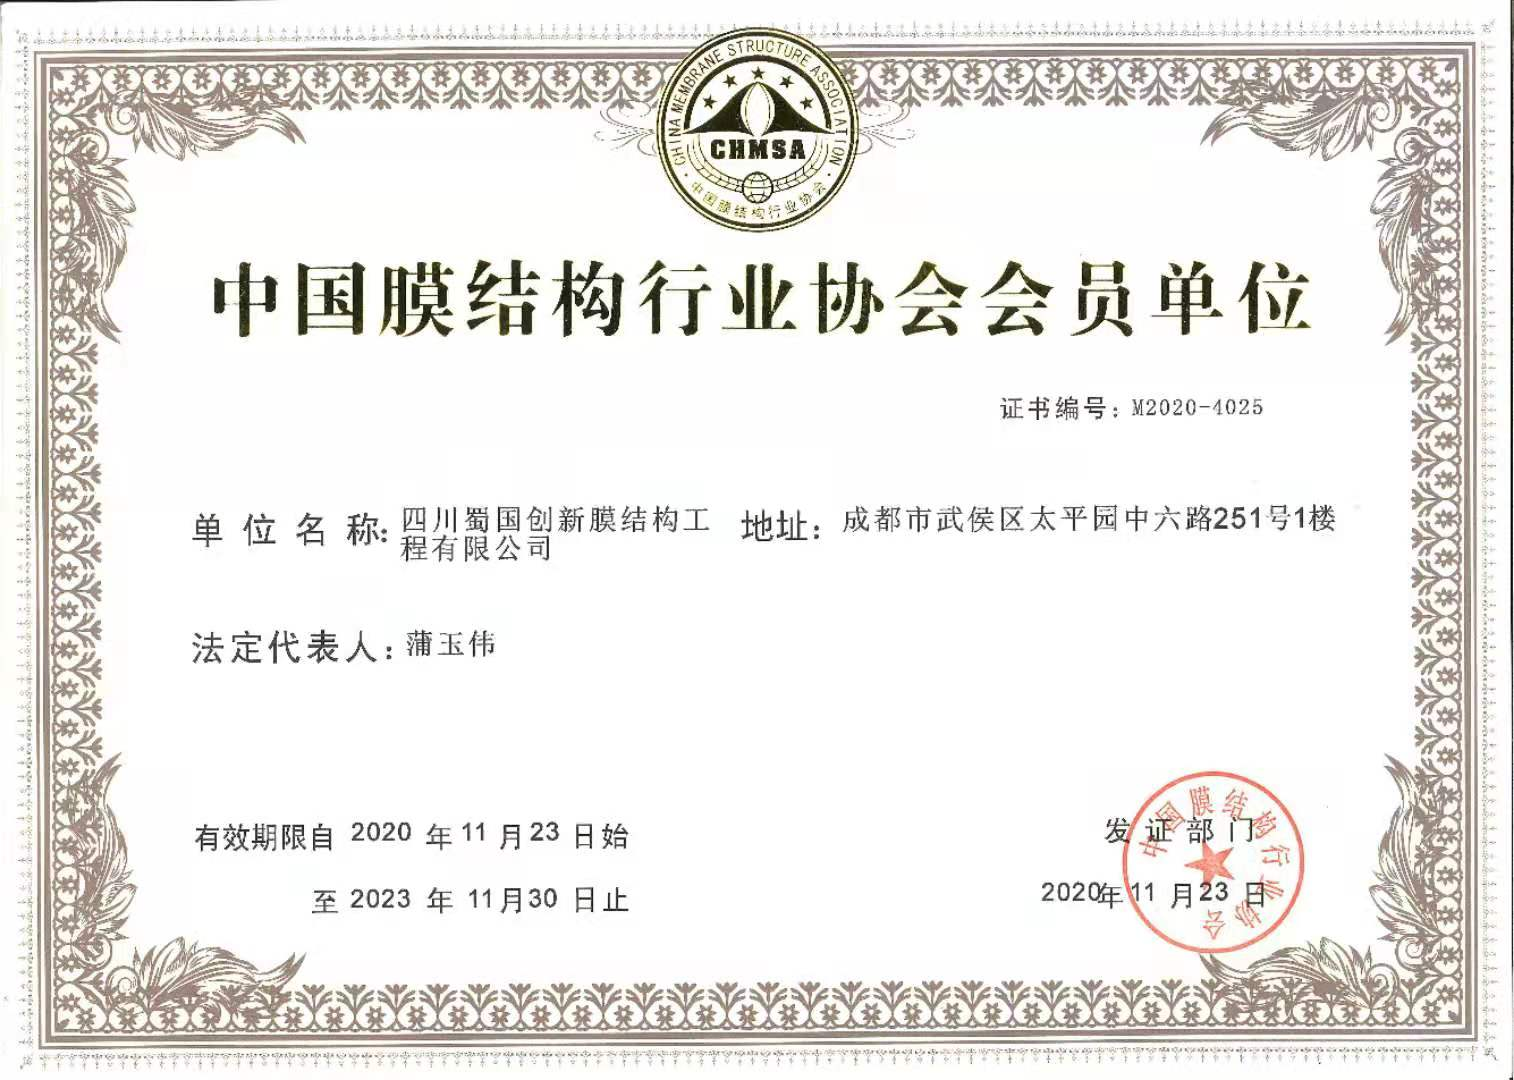 膜结构行业协会会员单位